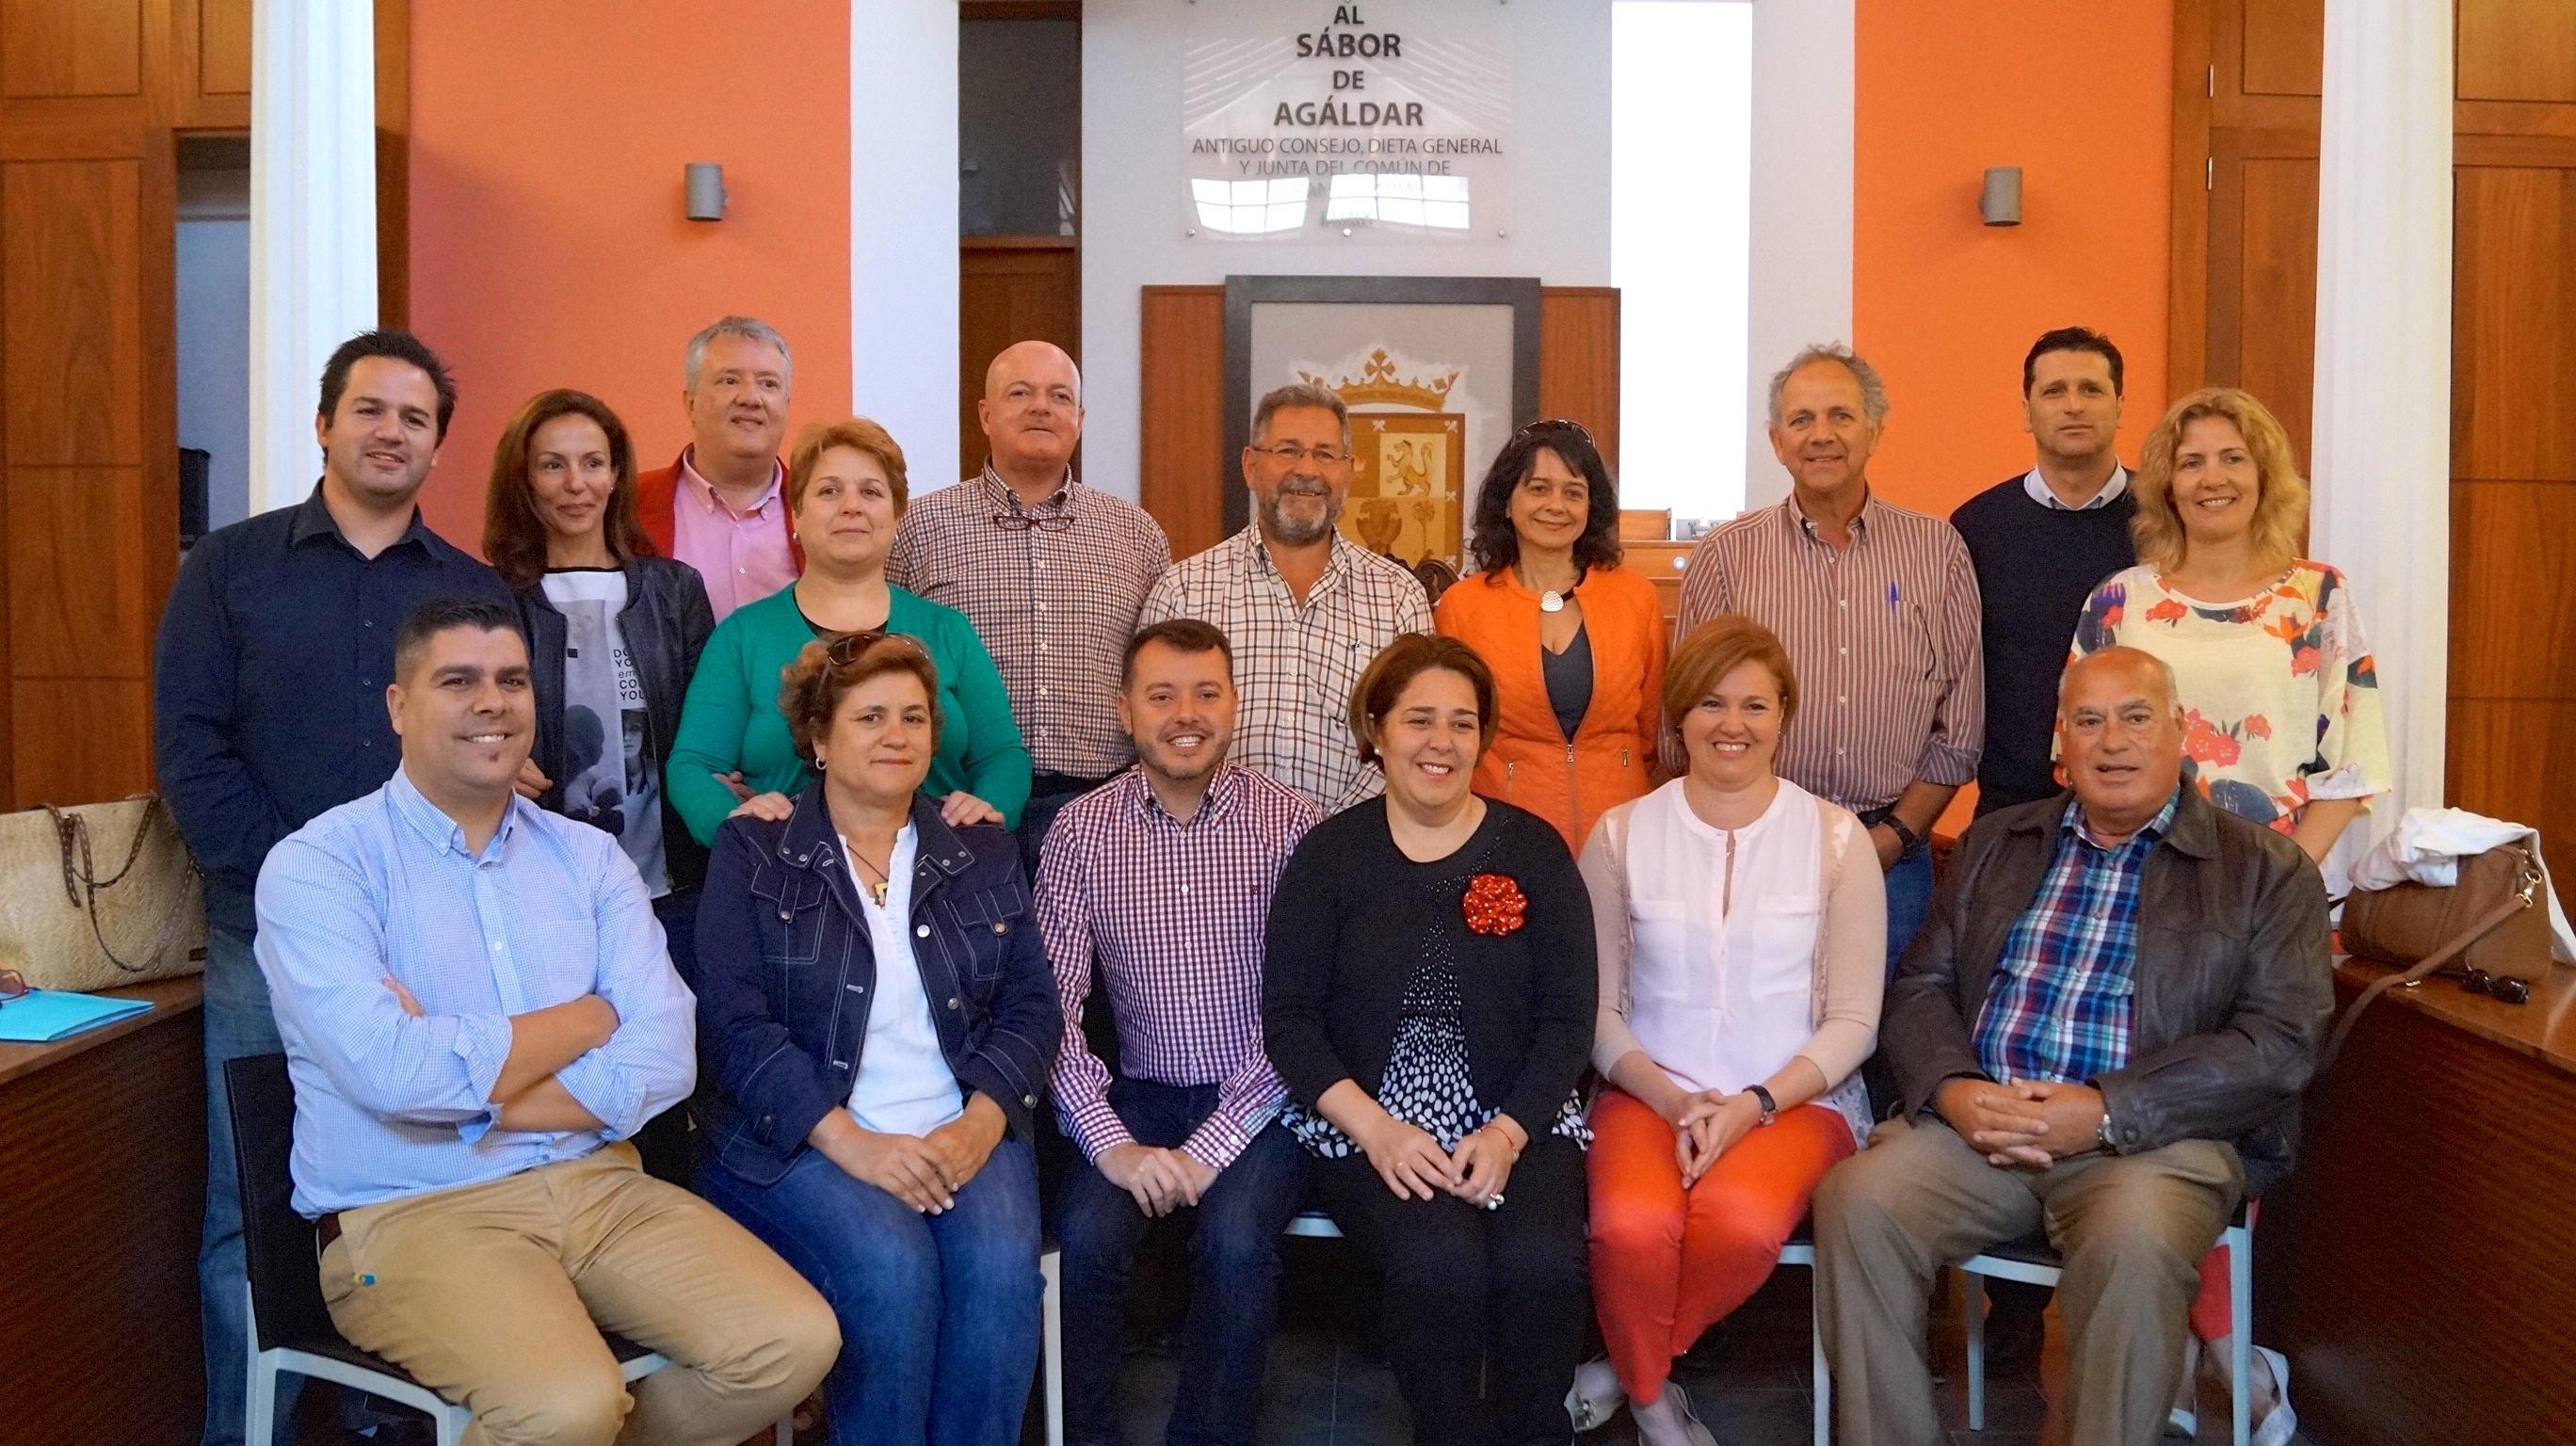 Foto de familia de despedida de los concejales asistentes a la sesión plenaria.